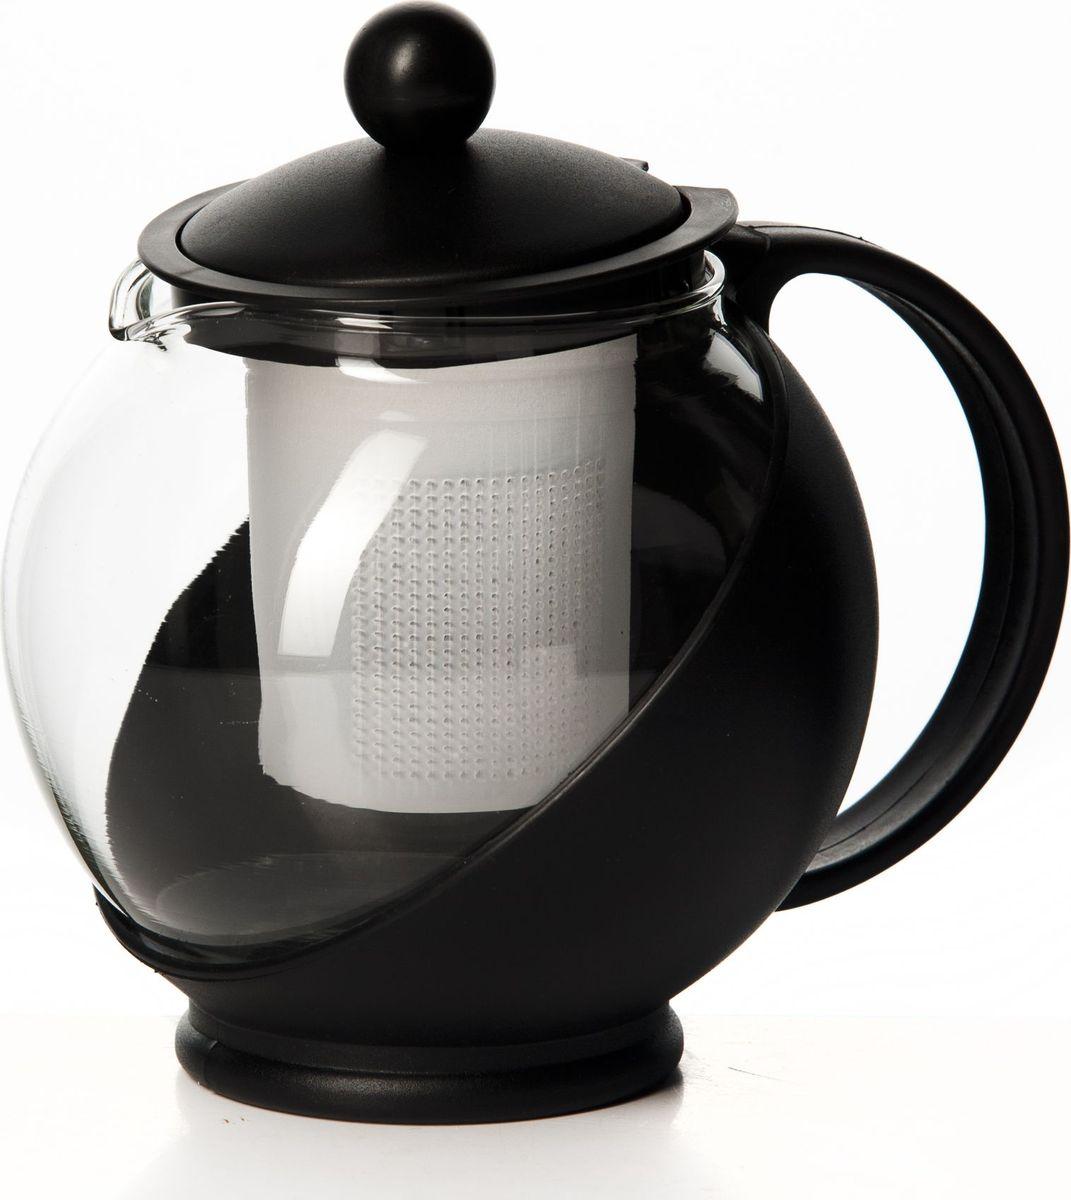 Чайник заварочный Gotoff, цвет: черный, 750 мл. XY-751P чайник заварочный 750 мл mayer